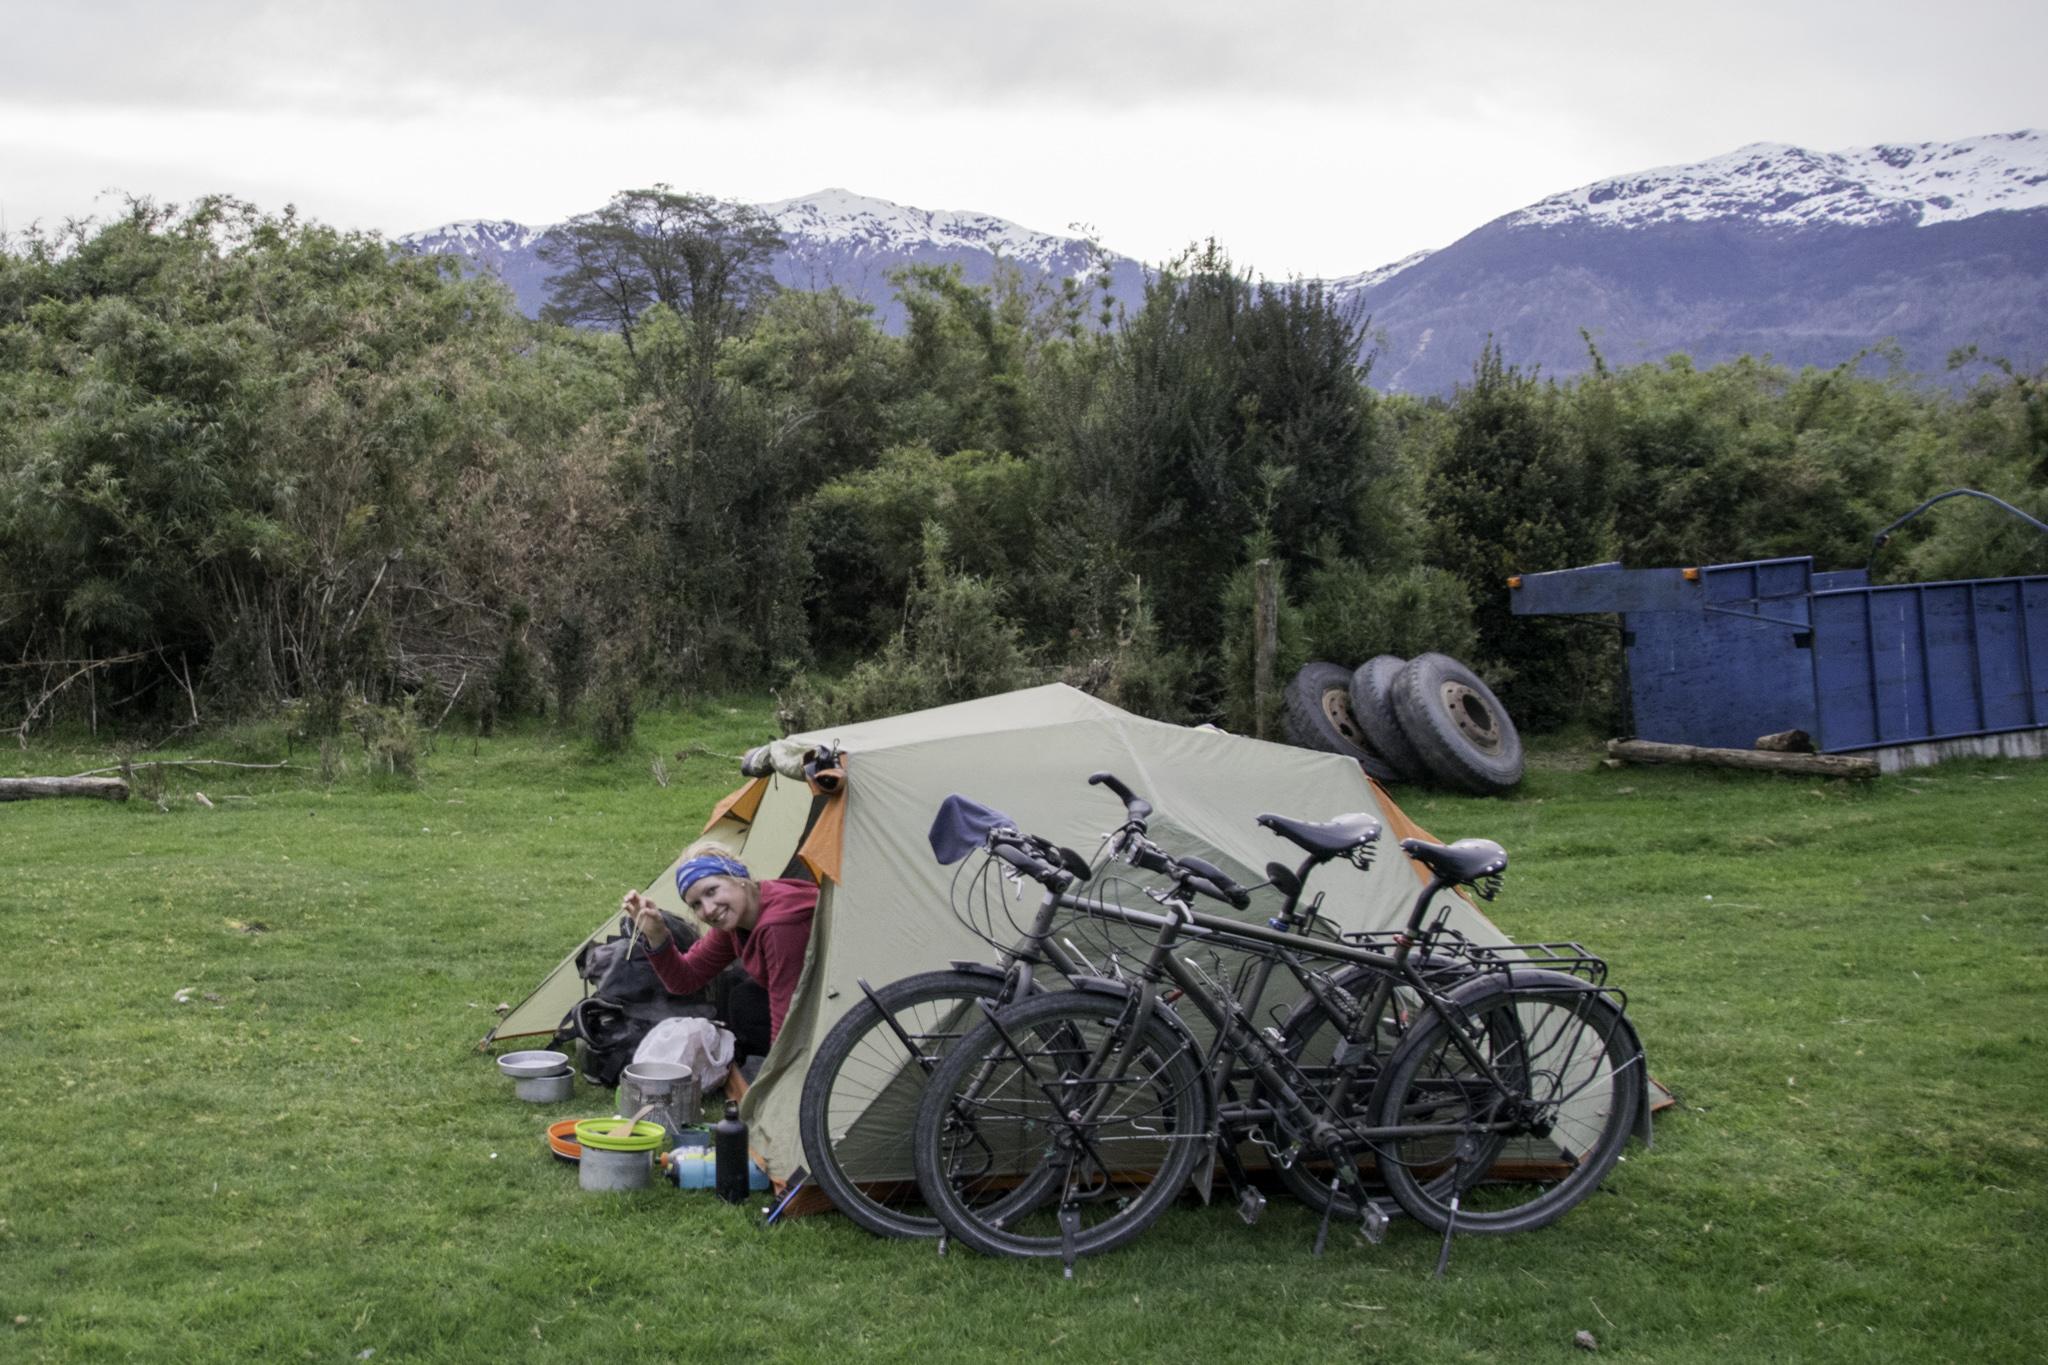 Einige Male fragten wir Bauern um Camping-Erlaubnis...